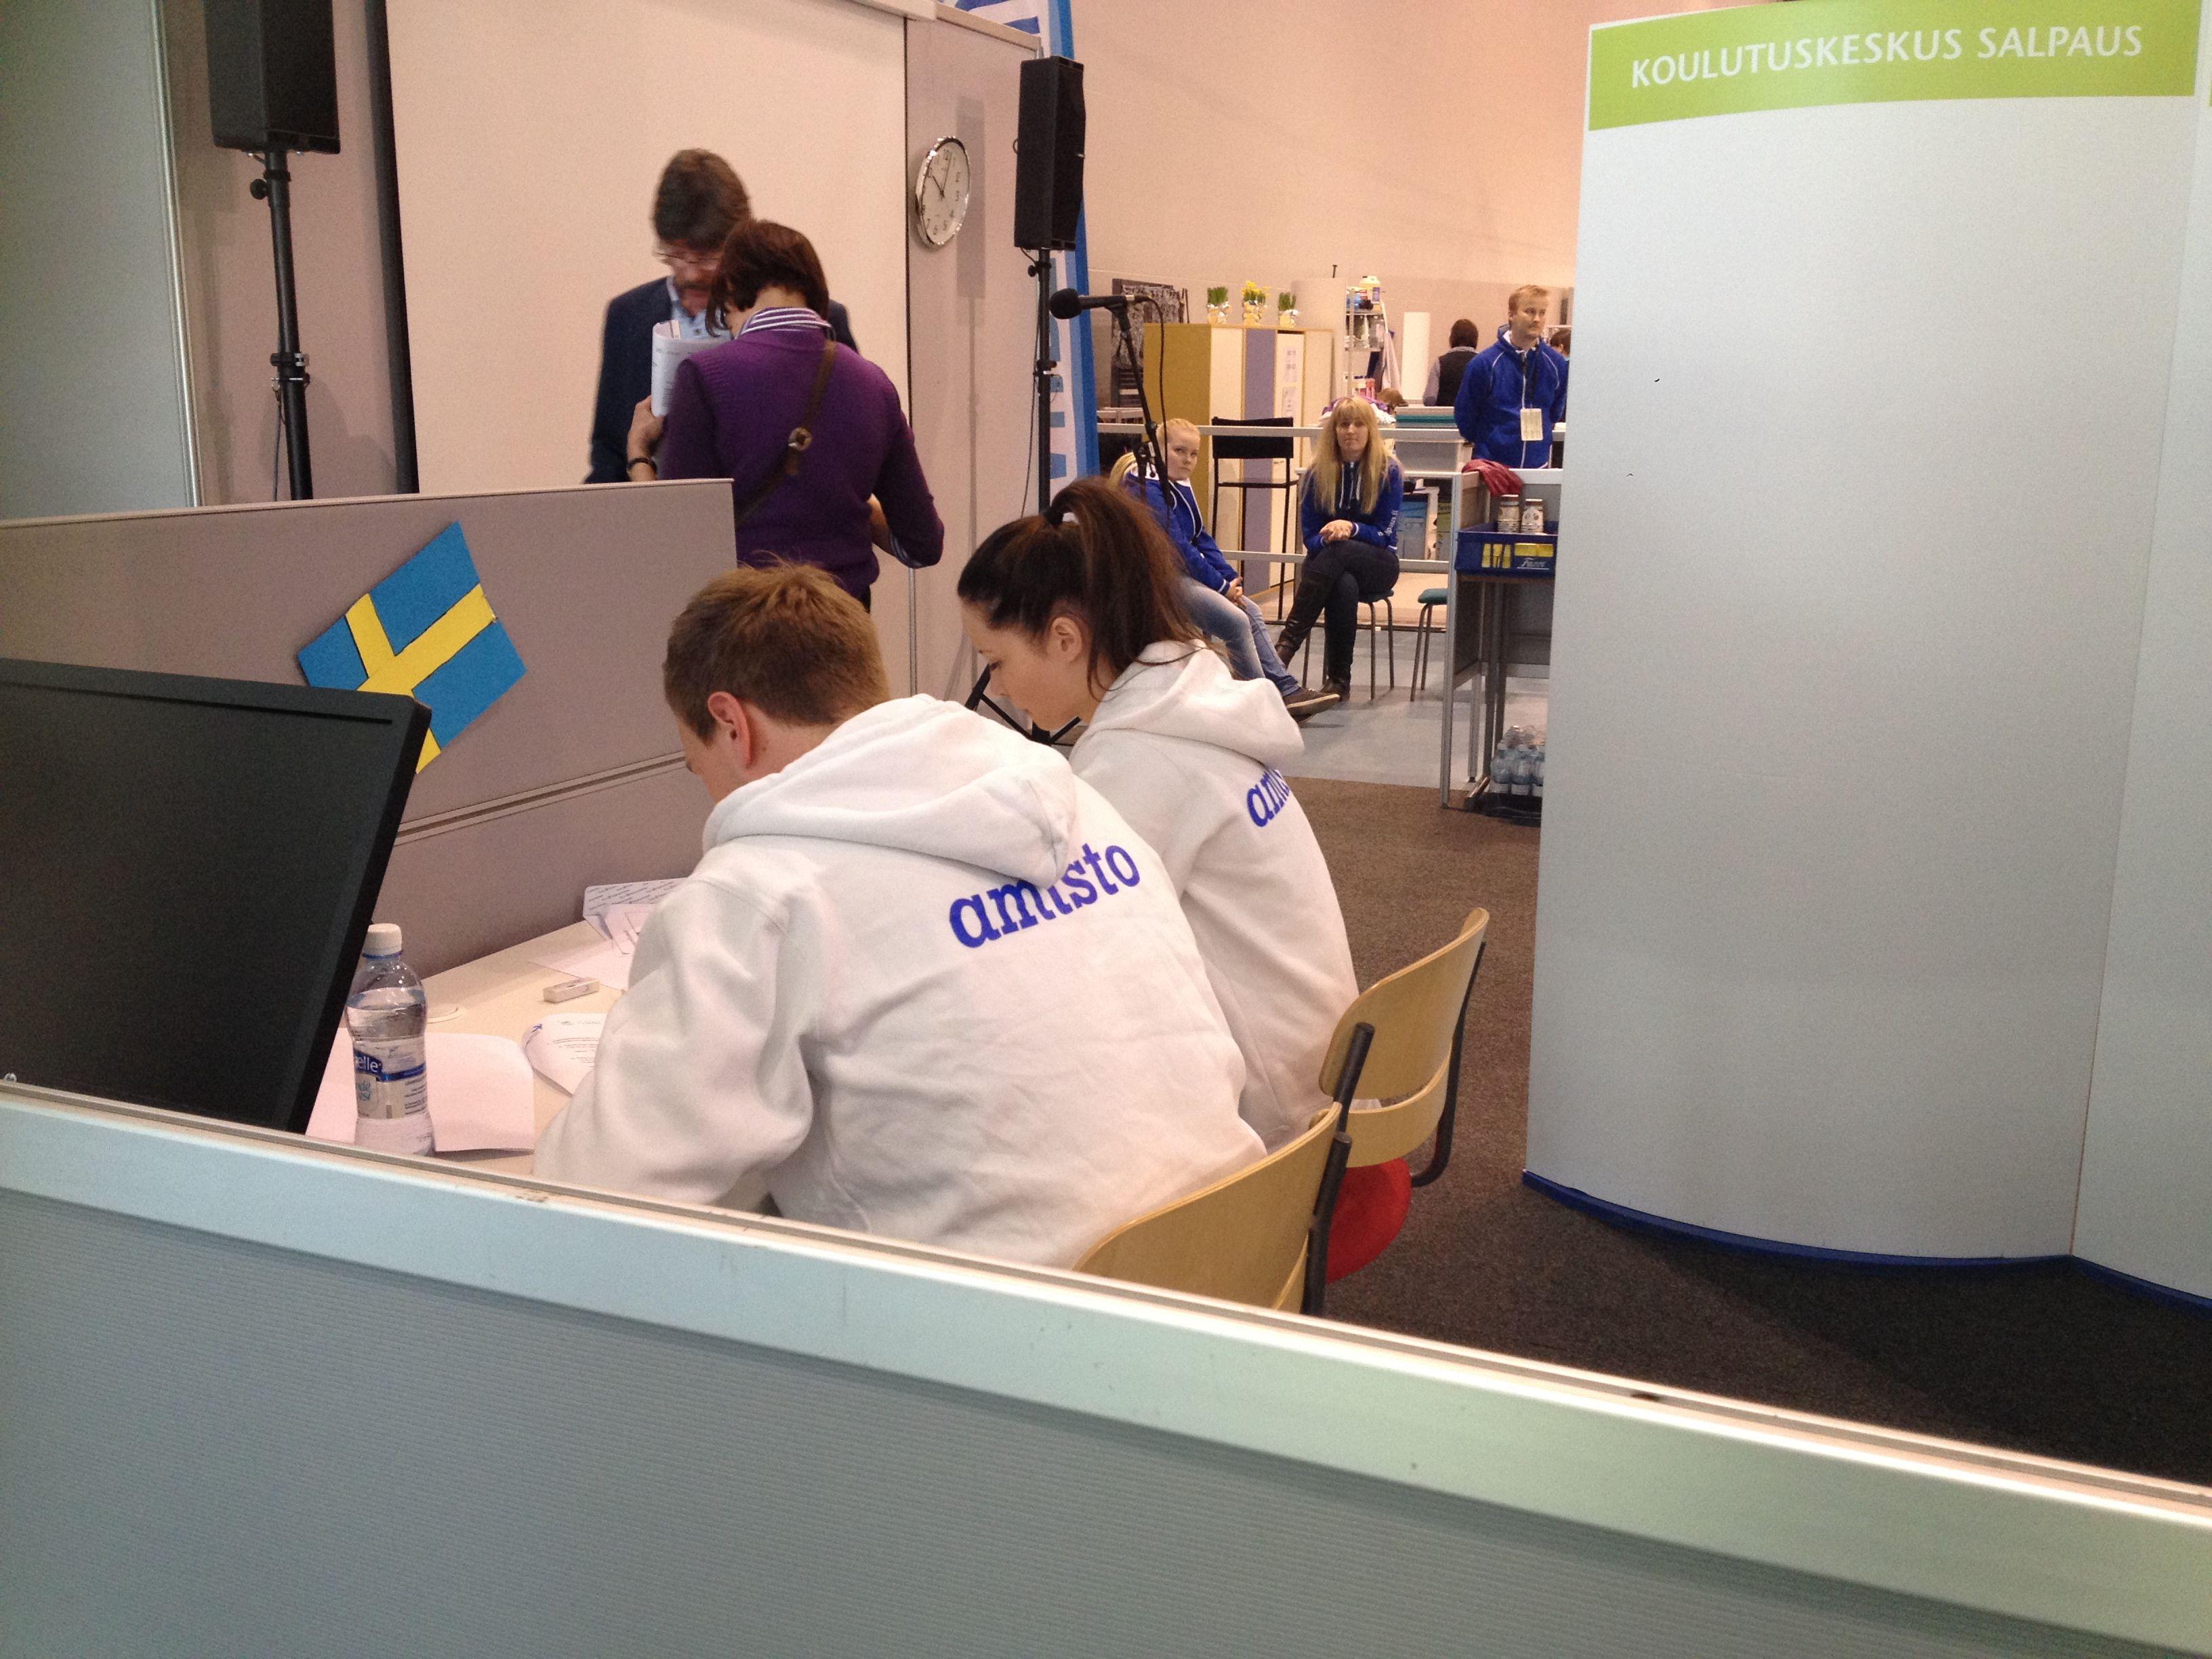 Porvoon ammattiopiston matkailukilpailijat Stegan Rogers ja Minttu-Maria Räsänen suorittamassa matematiikan laskenta tehtävää. Taustalla näkyy kilpailijoiden saattajia.